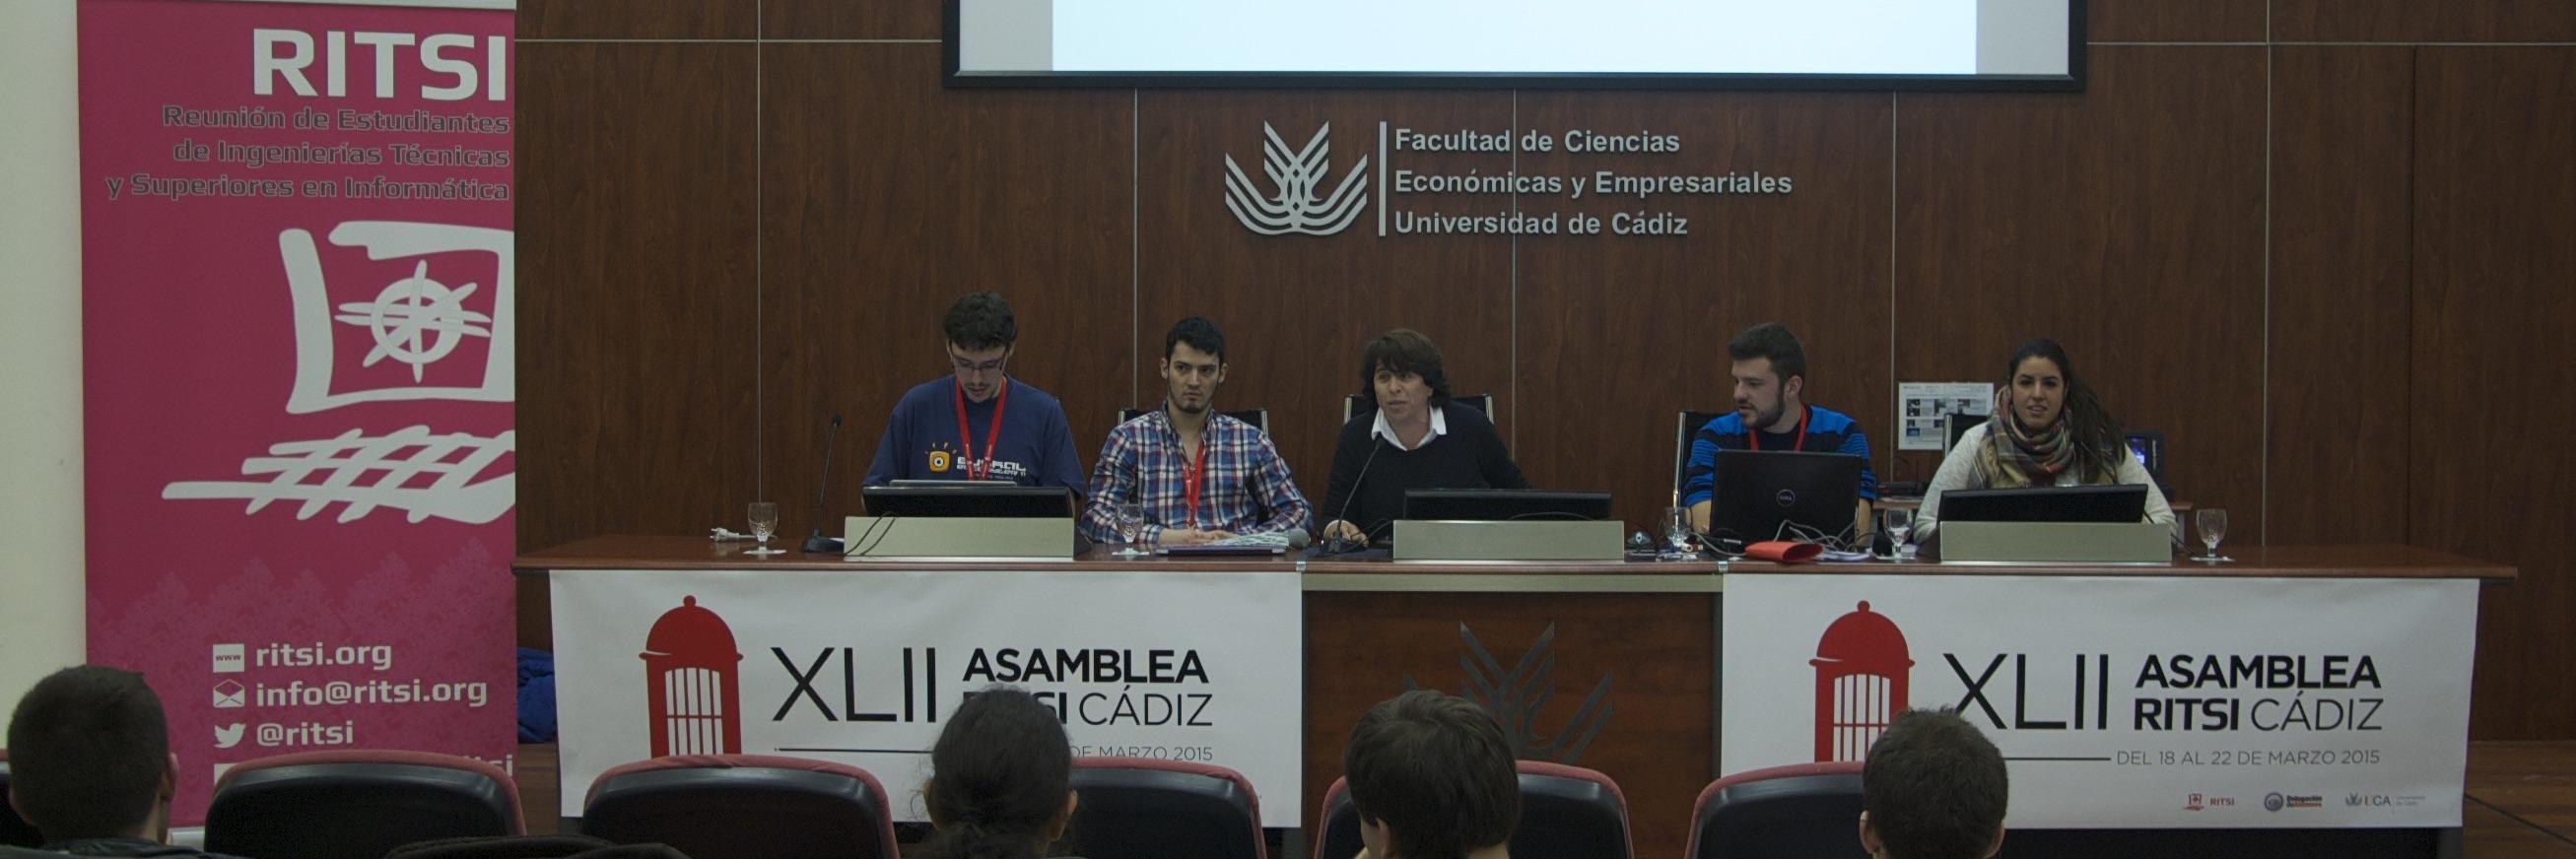 Inaugurada la XLII Asamblea